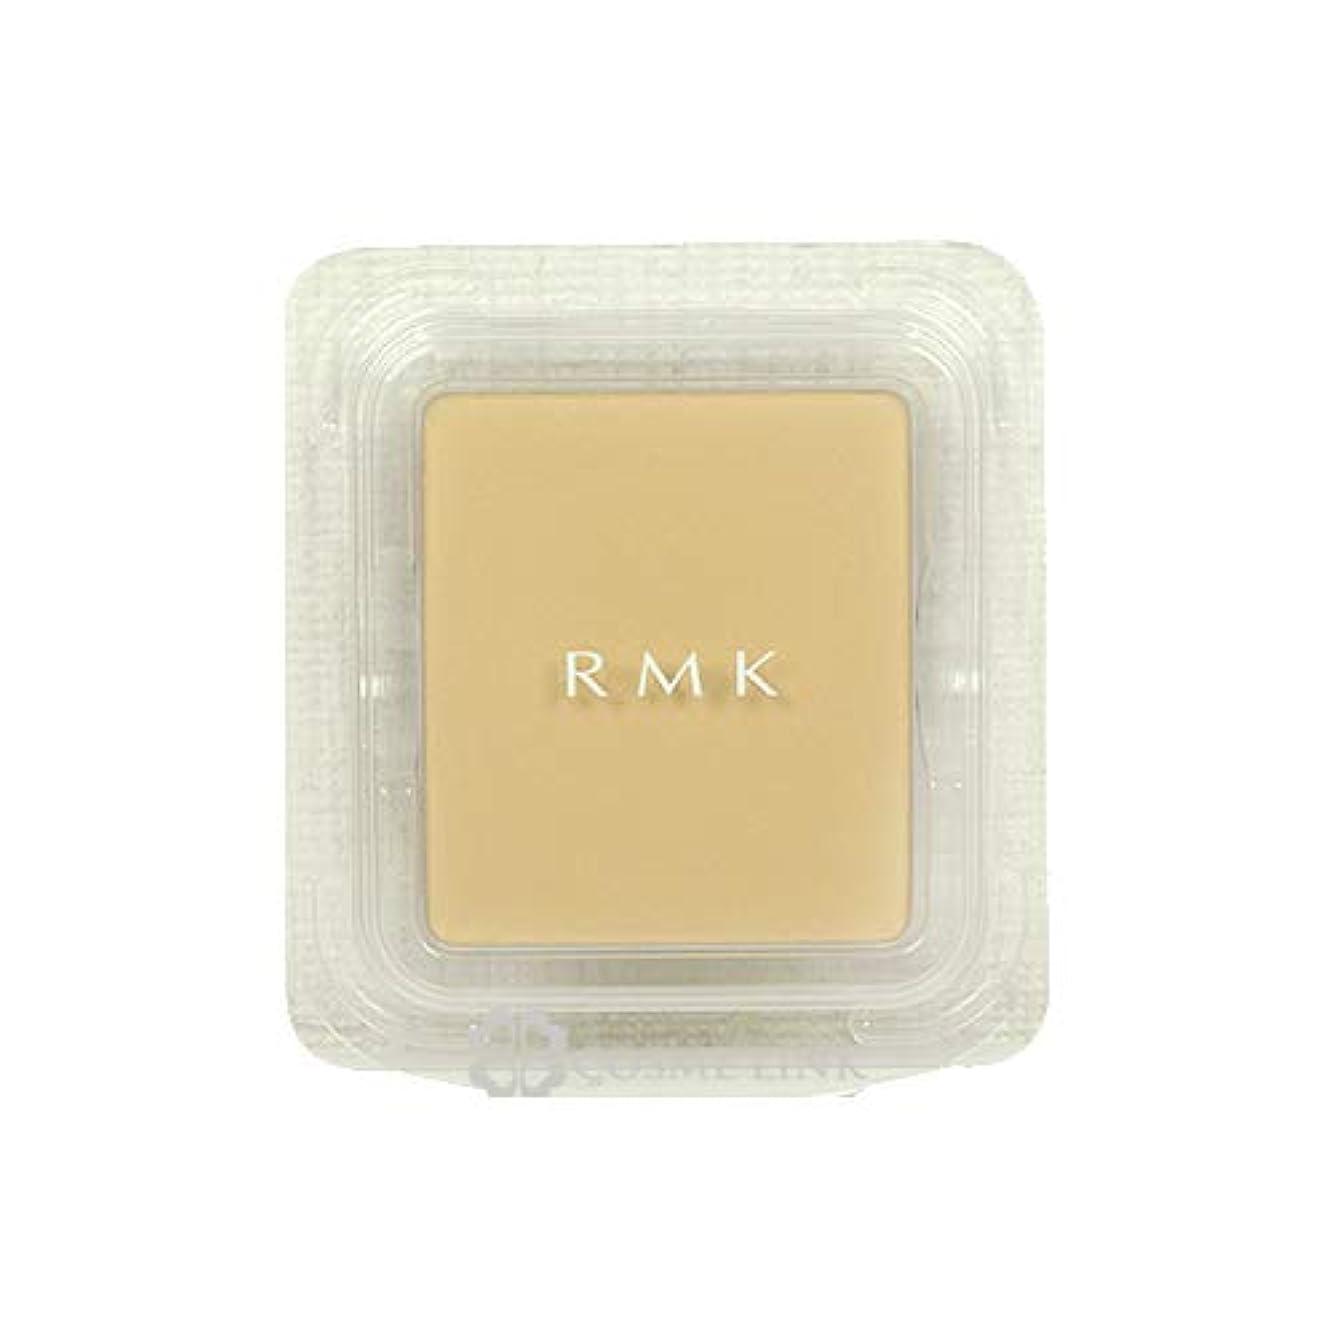 リングバックサンドイッチでRMK アールエムケー UVパウダー ファンデーション(レフィル) #102 11g [並行輸入品]